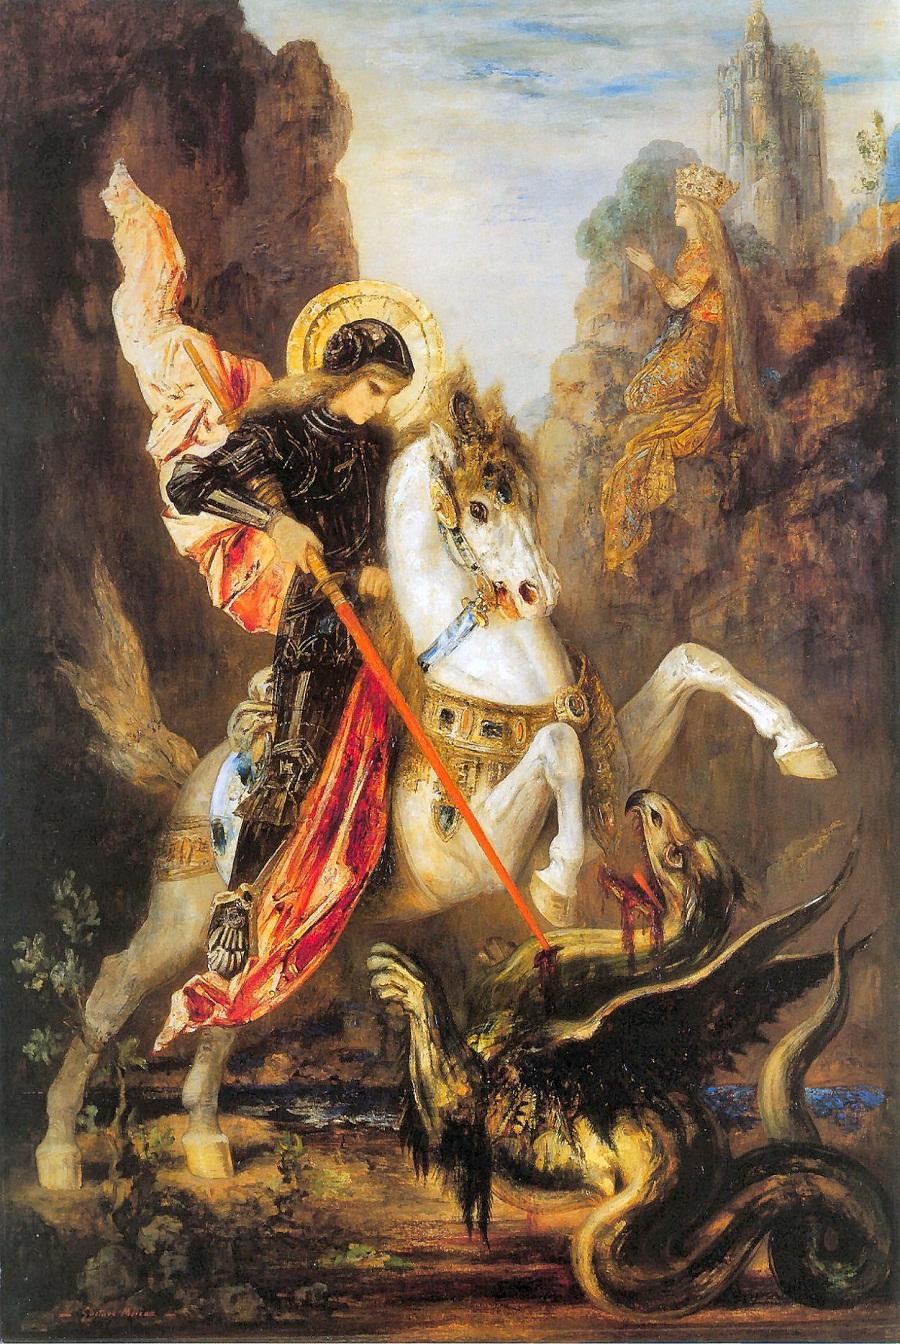 Гюстав Моро Святой Георгий и дракон. 1890 год